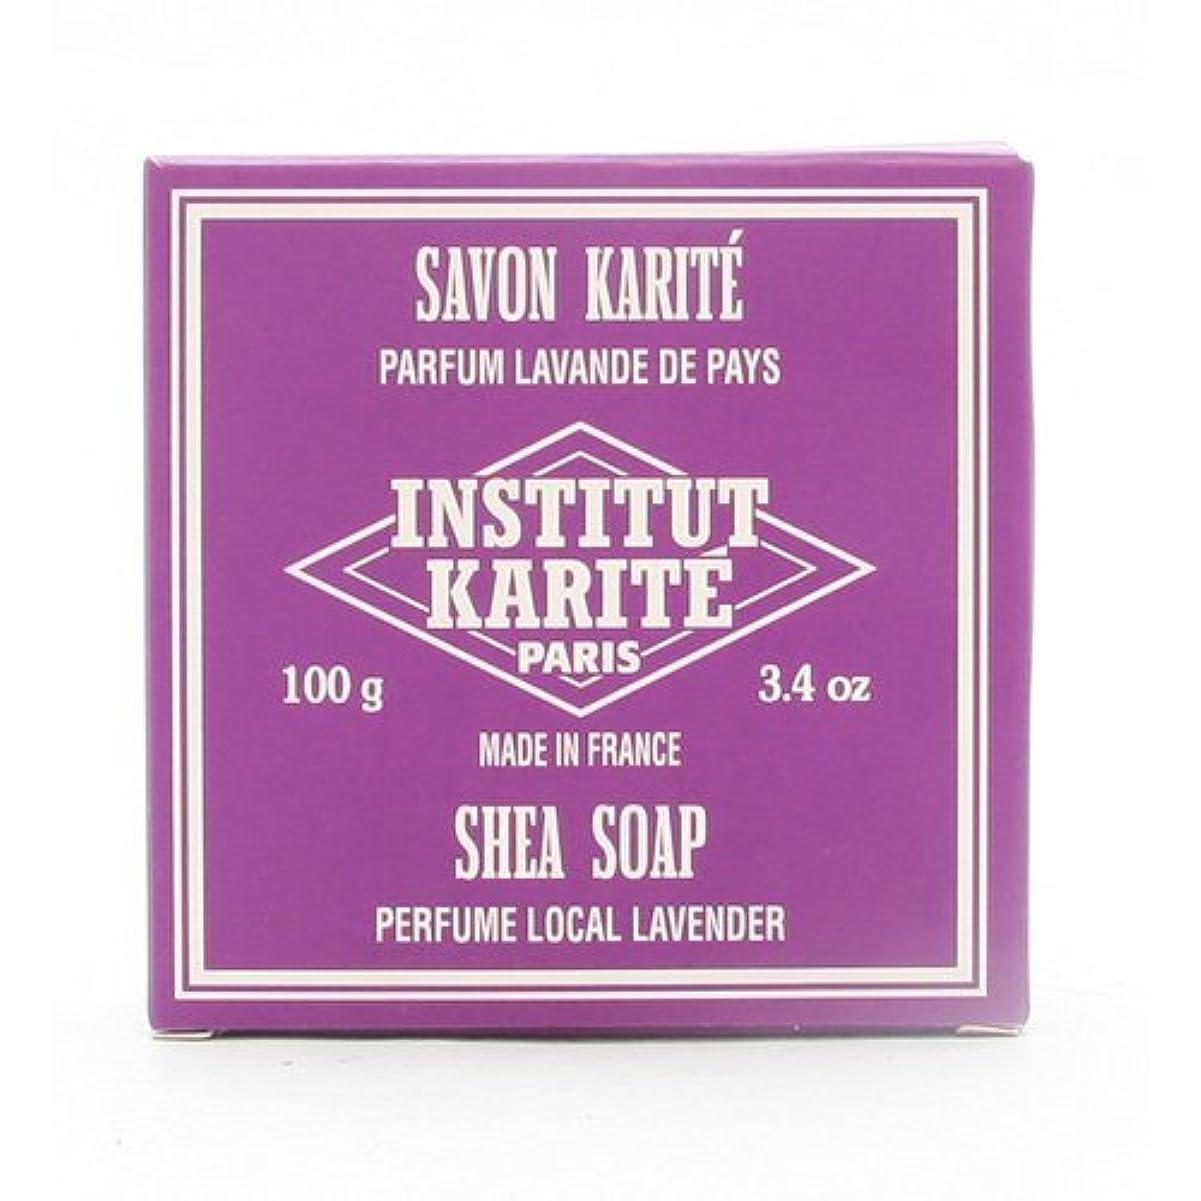 クリーム作り着服INSTITUT KARITE インスティテュート カリテ 25% Extra Gentle Soap ジェントルソープ 100g Local Lavender ローカルラベンダー